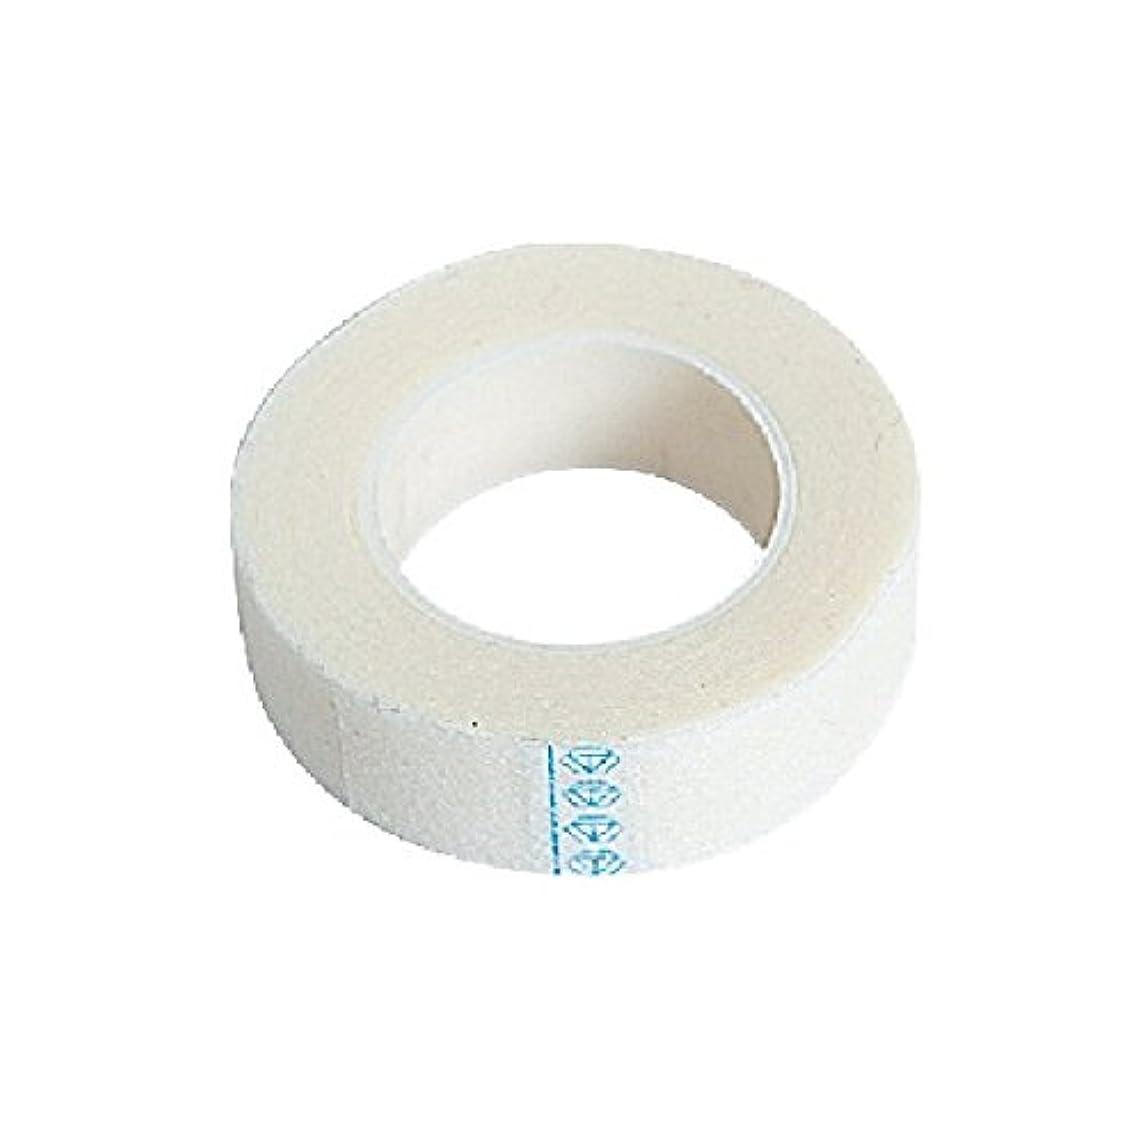 文明化する経営者側溝まつげエクステ 下まつげ(下まつ毛)保護テープ サージカルテープ (1個)